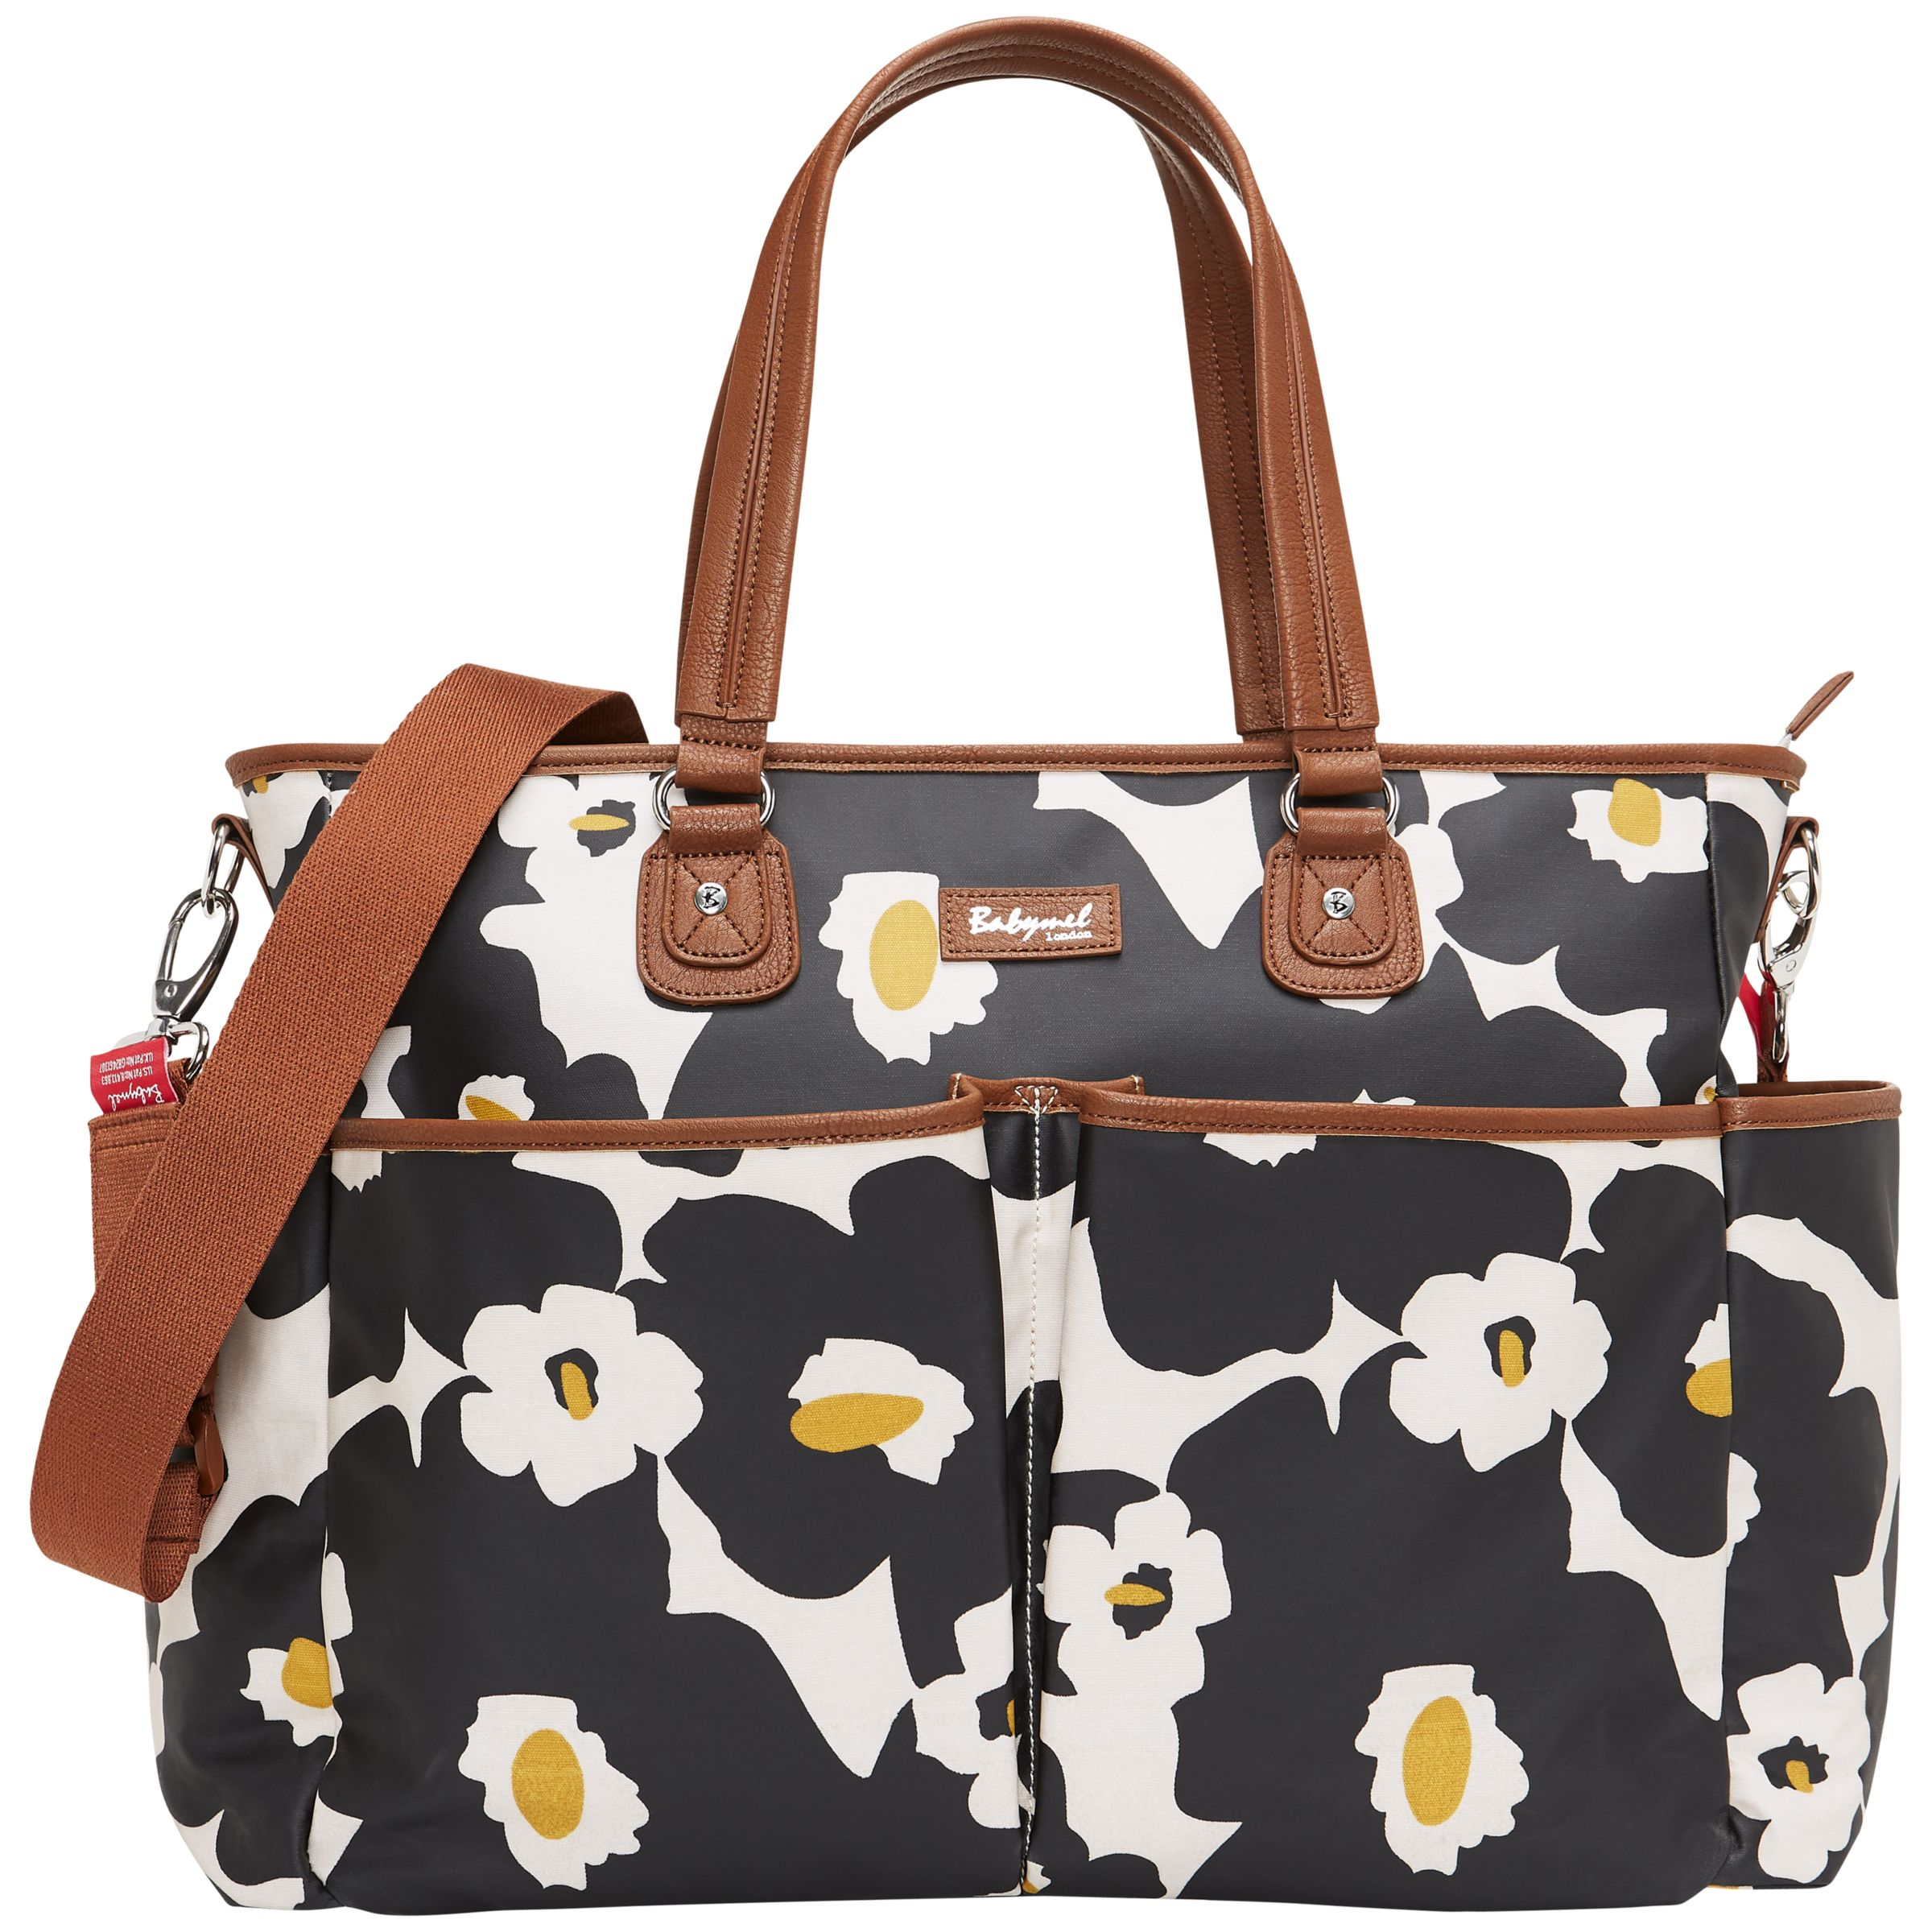 Babymel Babymel Bella Floral Changing Bags, Black